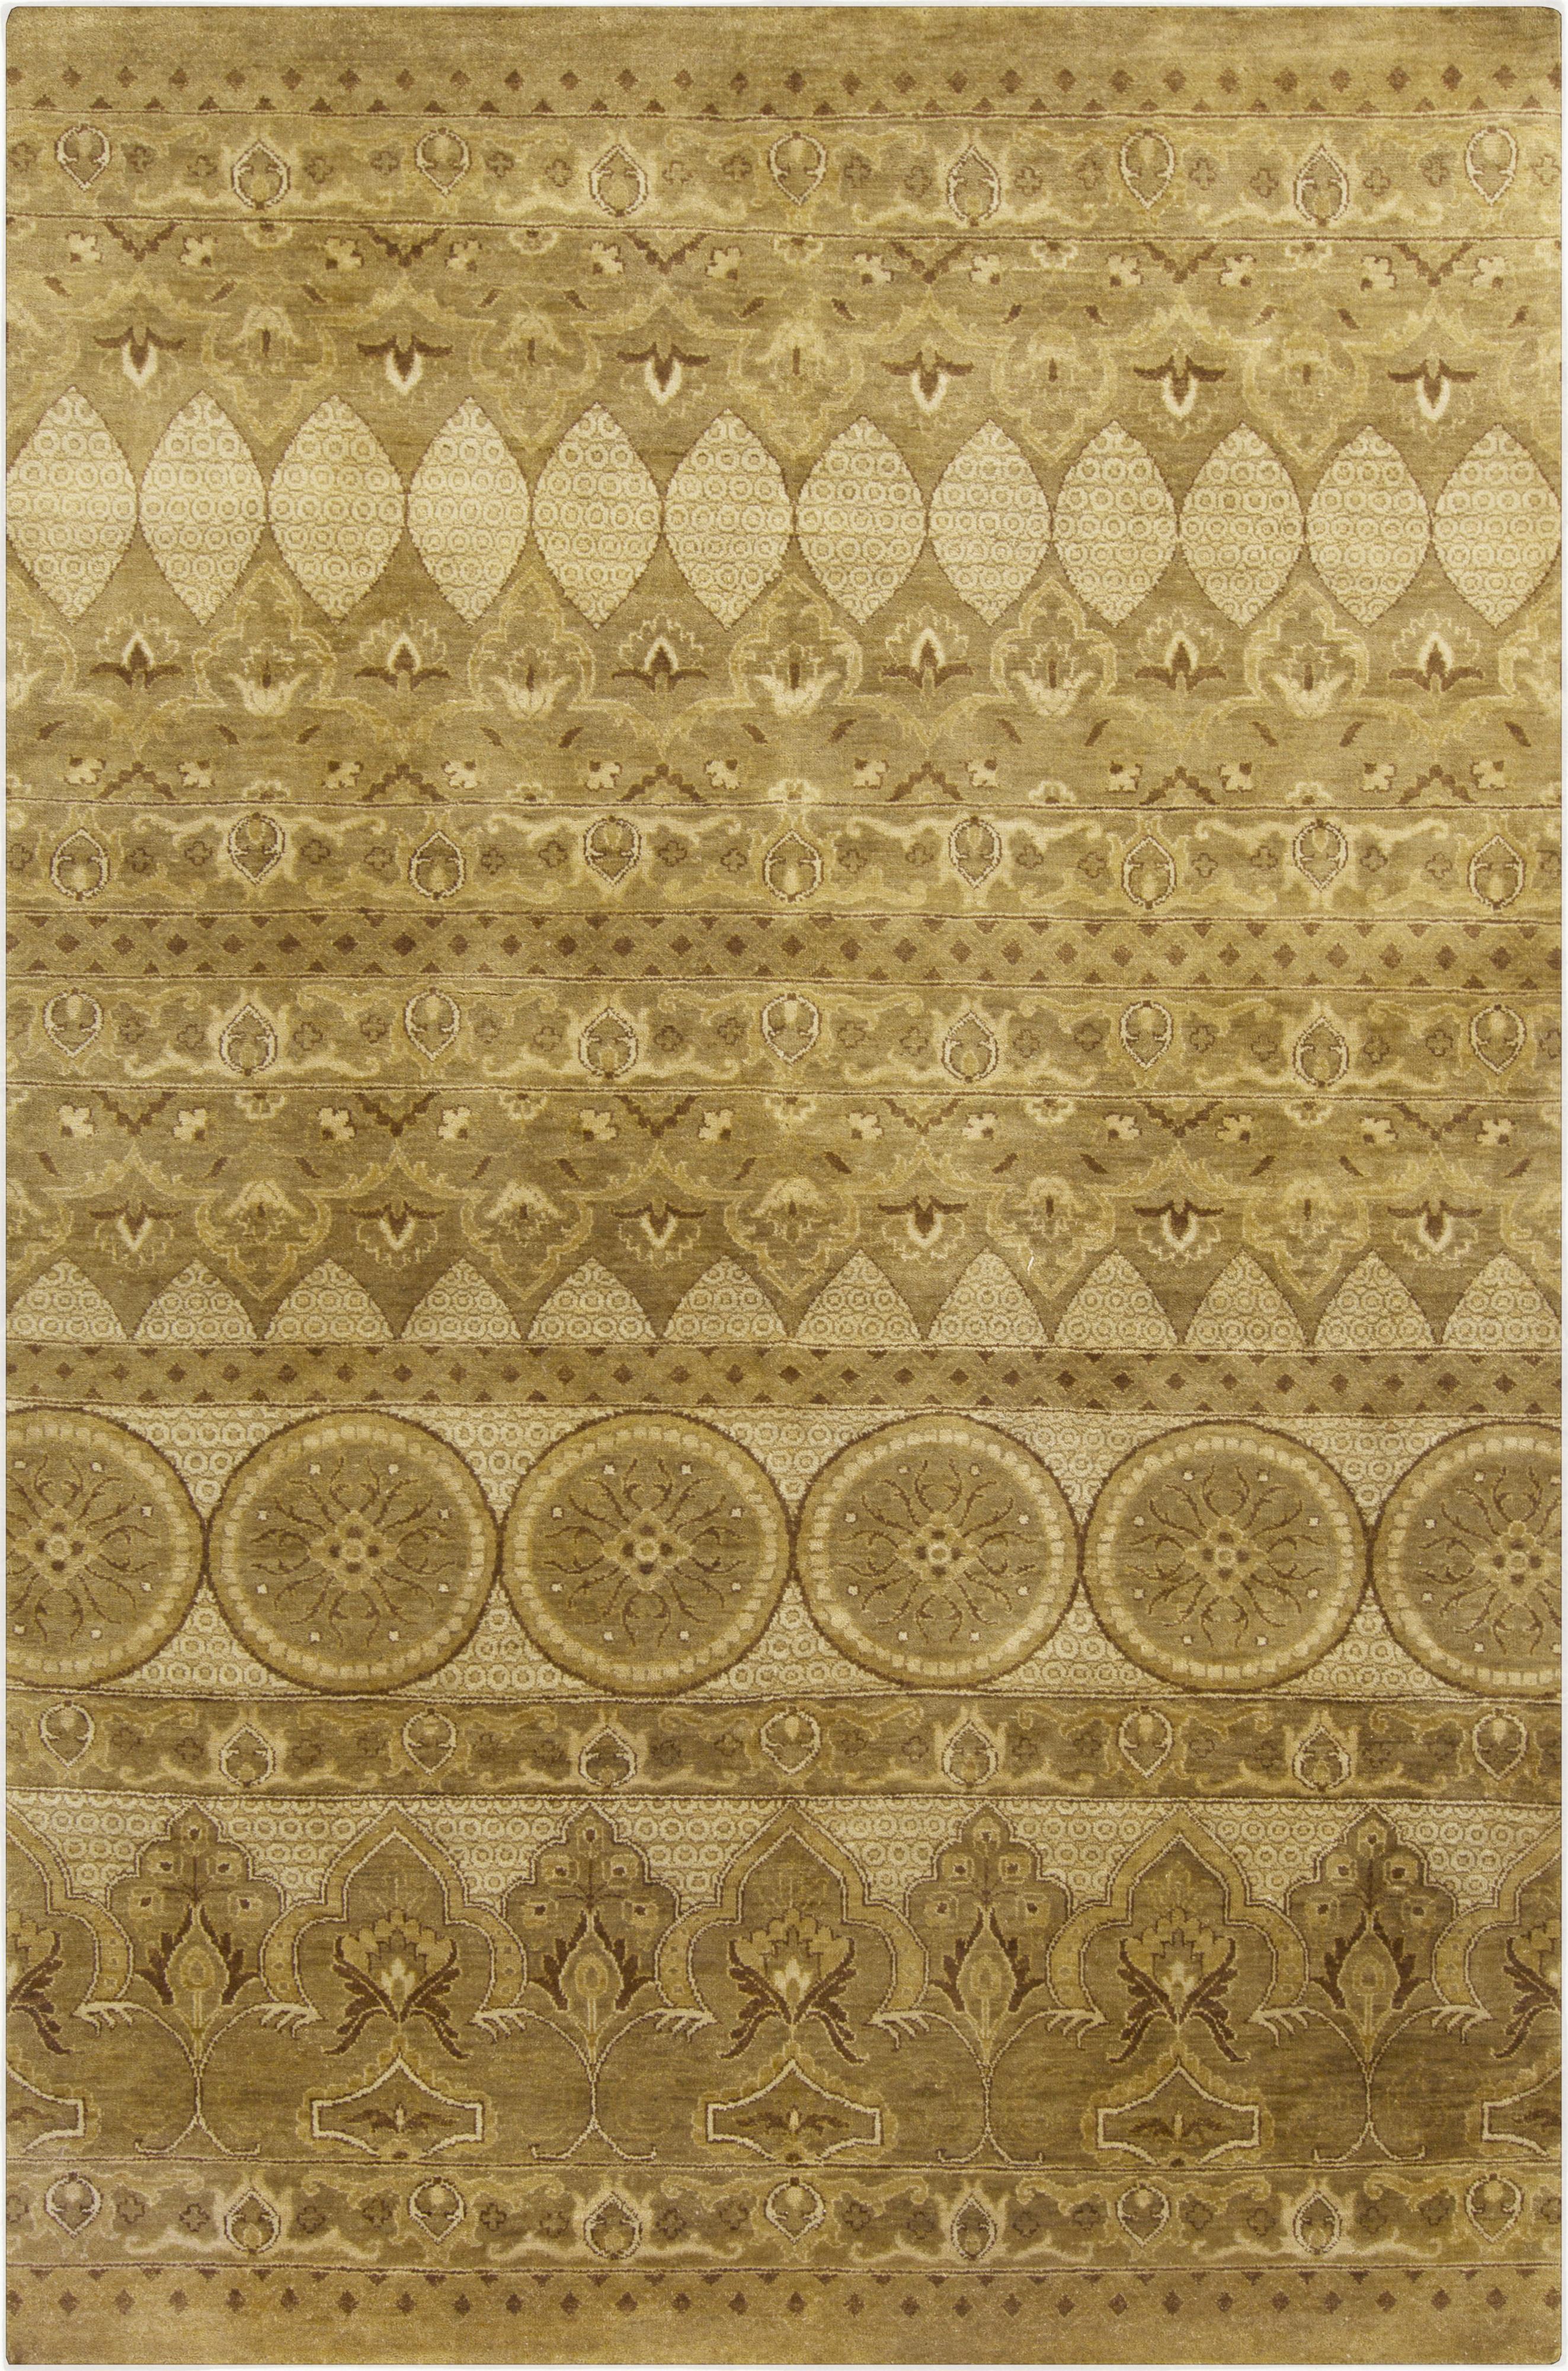 Surya Rugs Knightsbridge 9' x 13' - Item Number: KNI1000-913